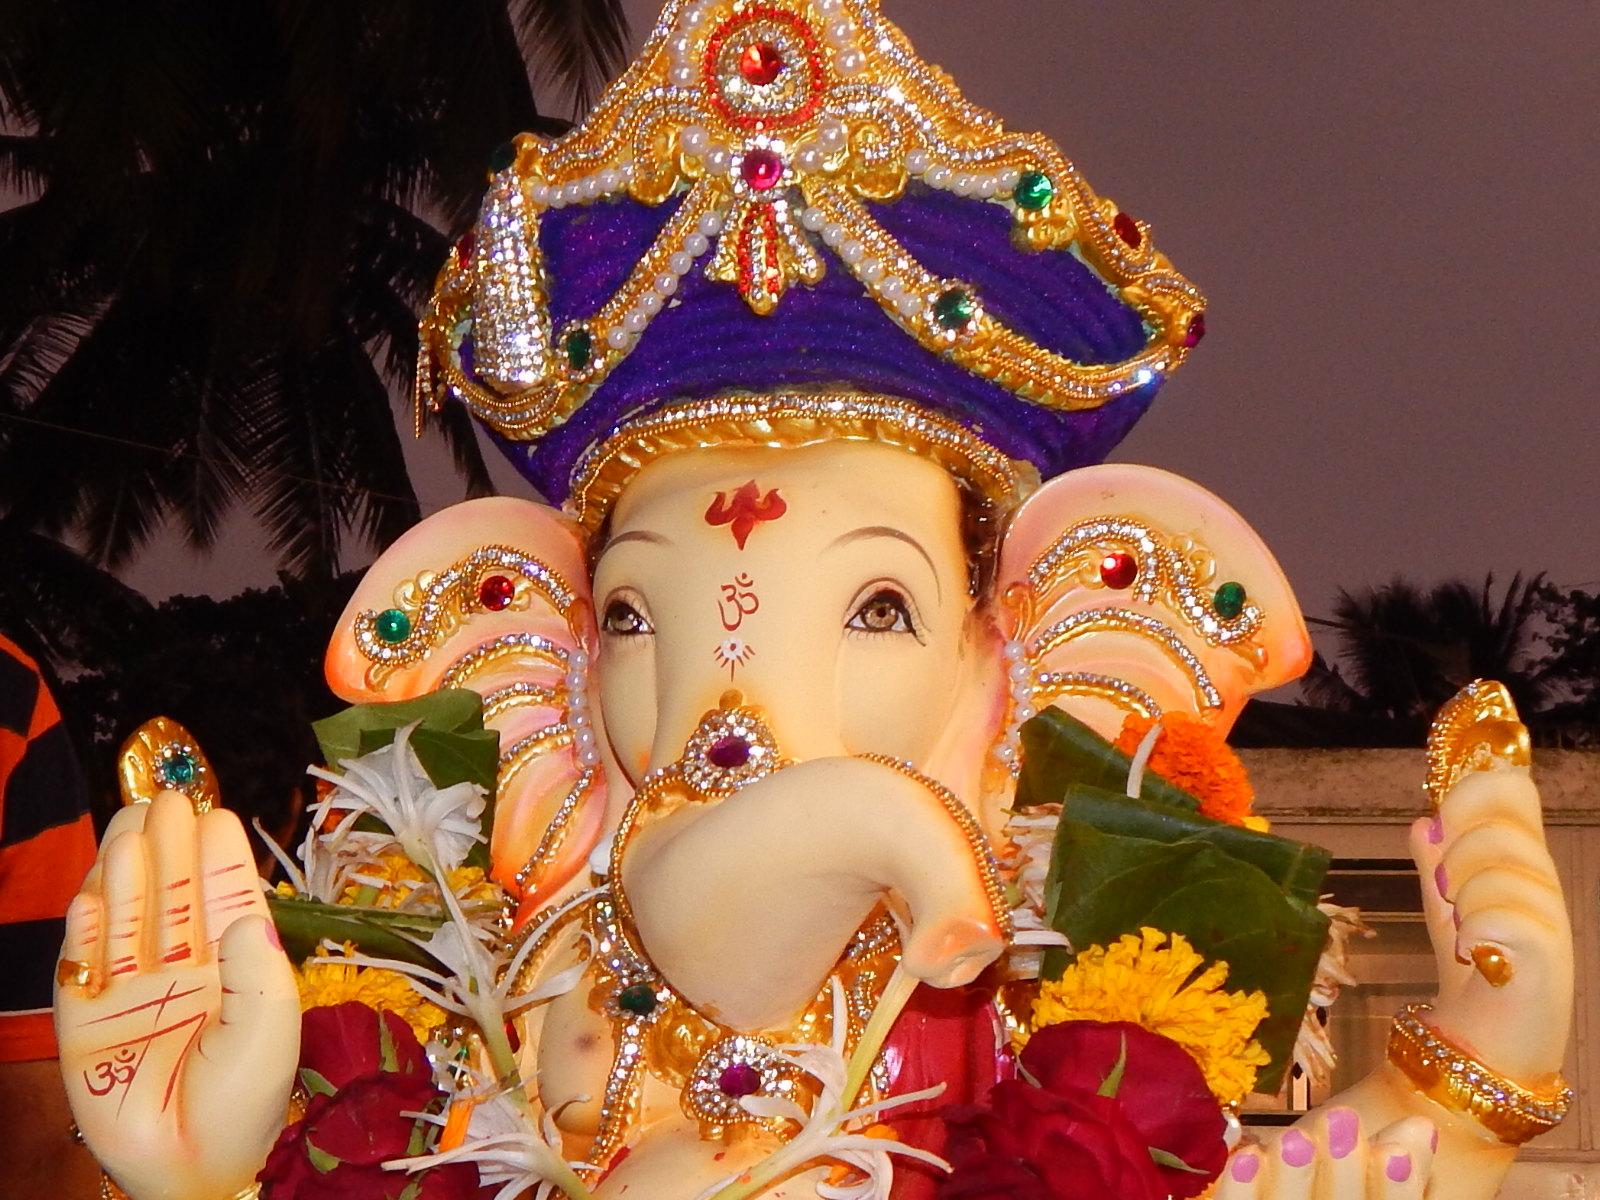 PunjabKesari, Lord Ganesh, Sri ganesh, Ganesh ji